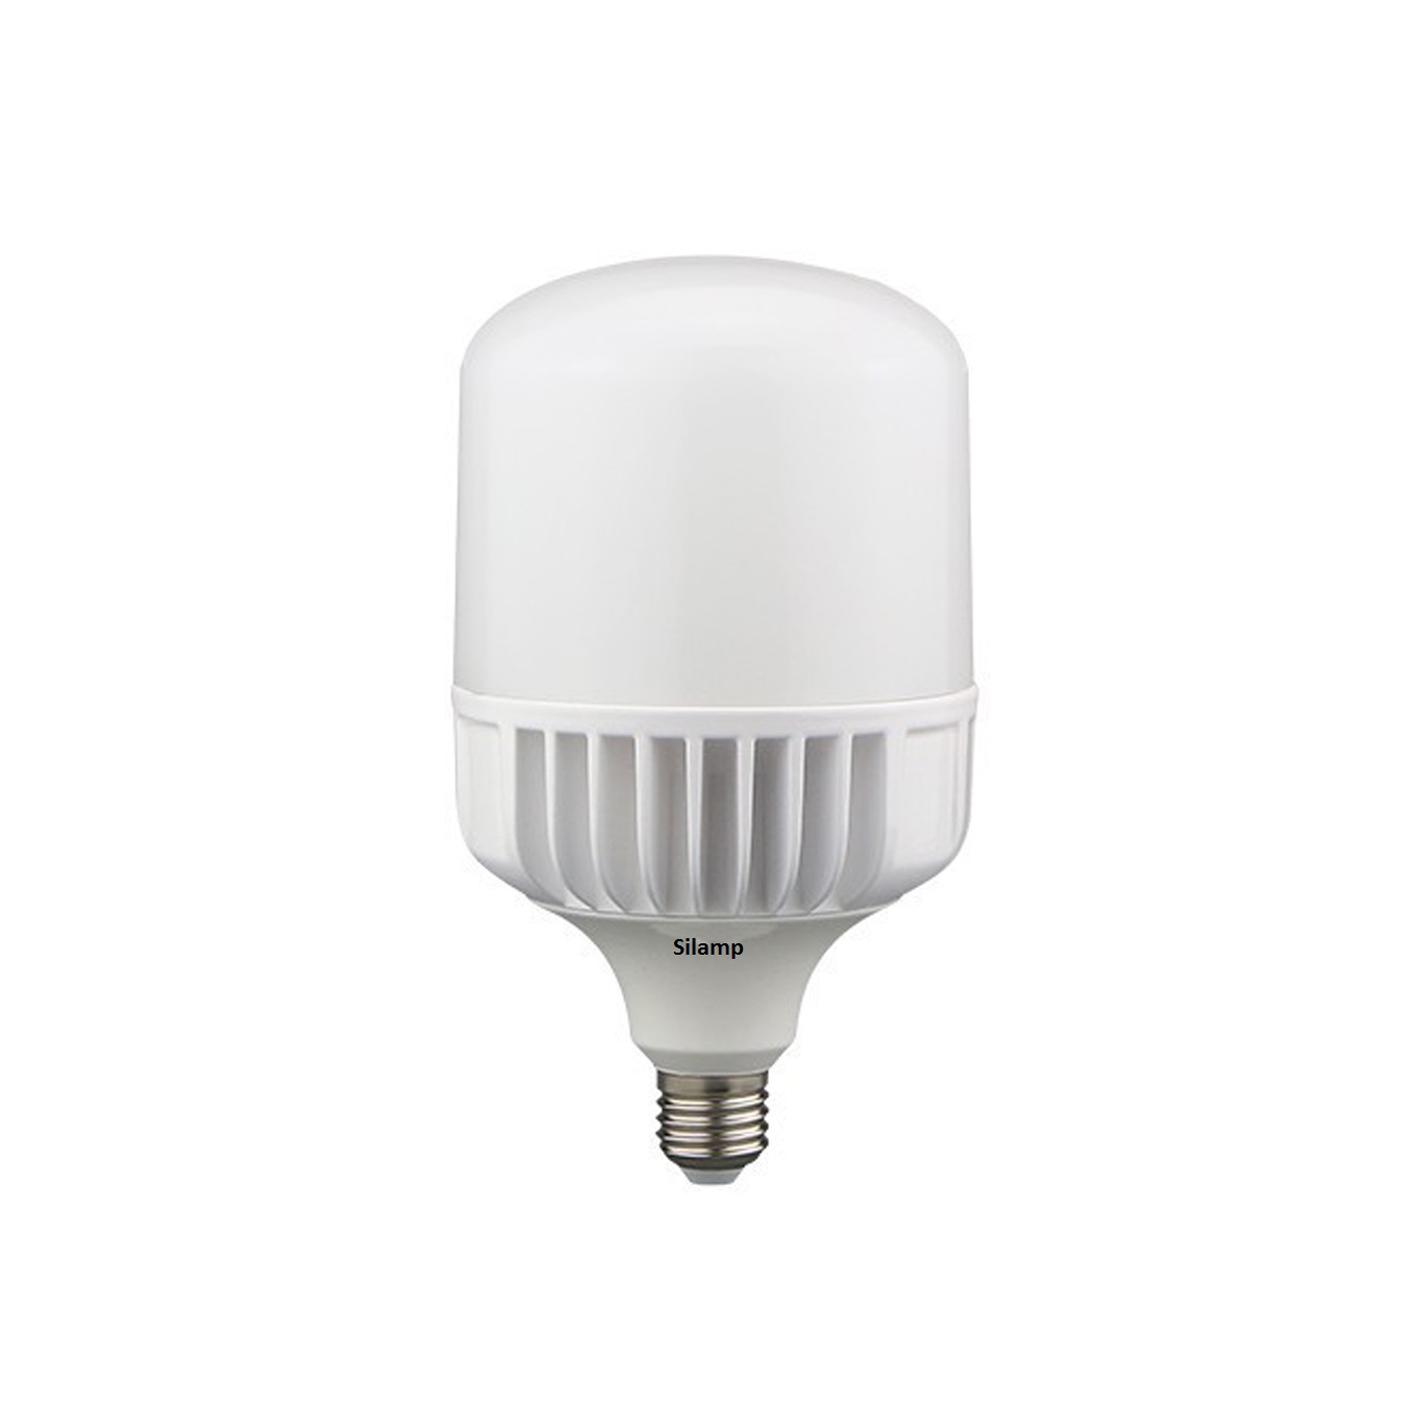 L64 28w offerte lampadine led silamp lampadina a for Offerte lampadine led